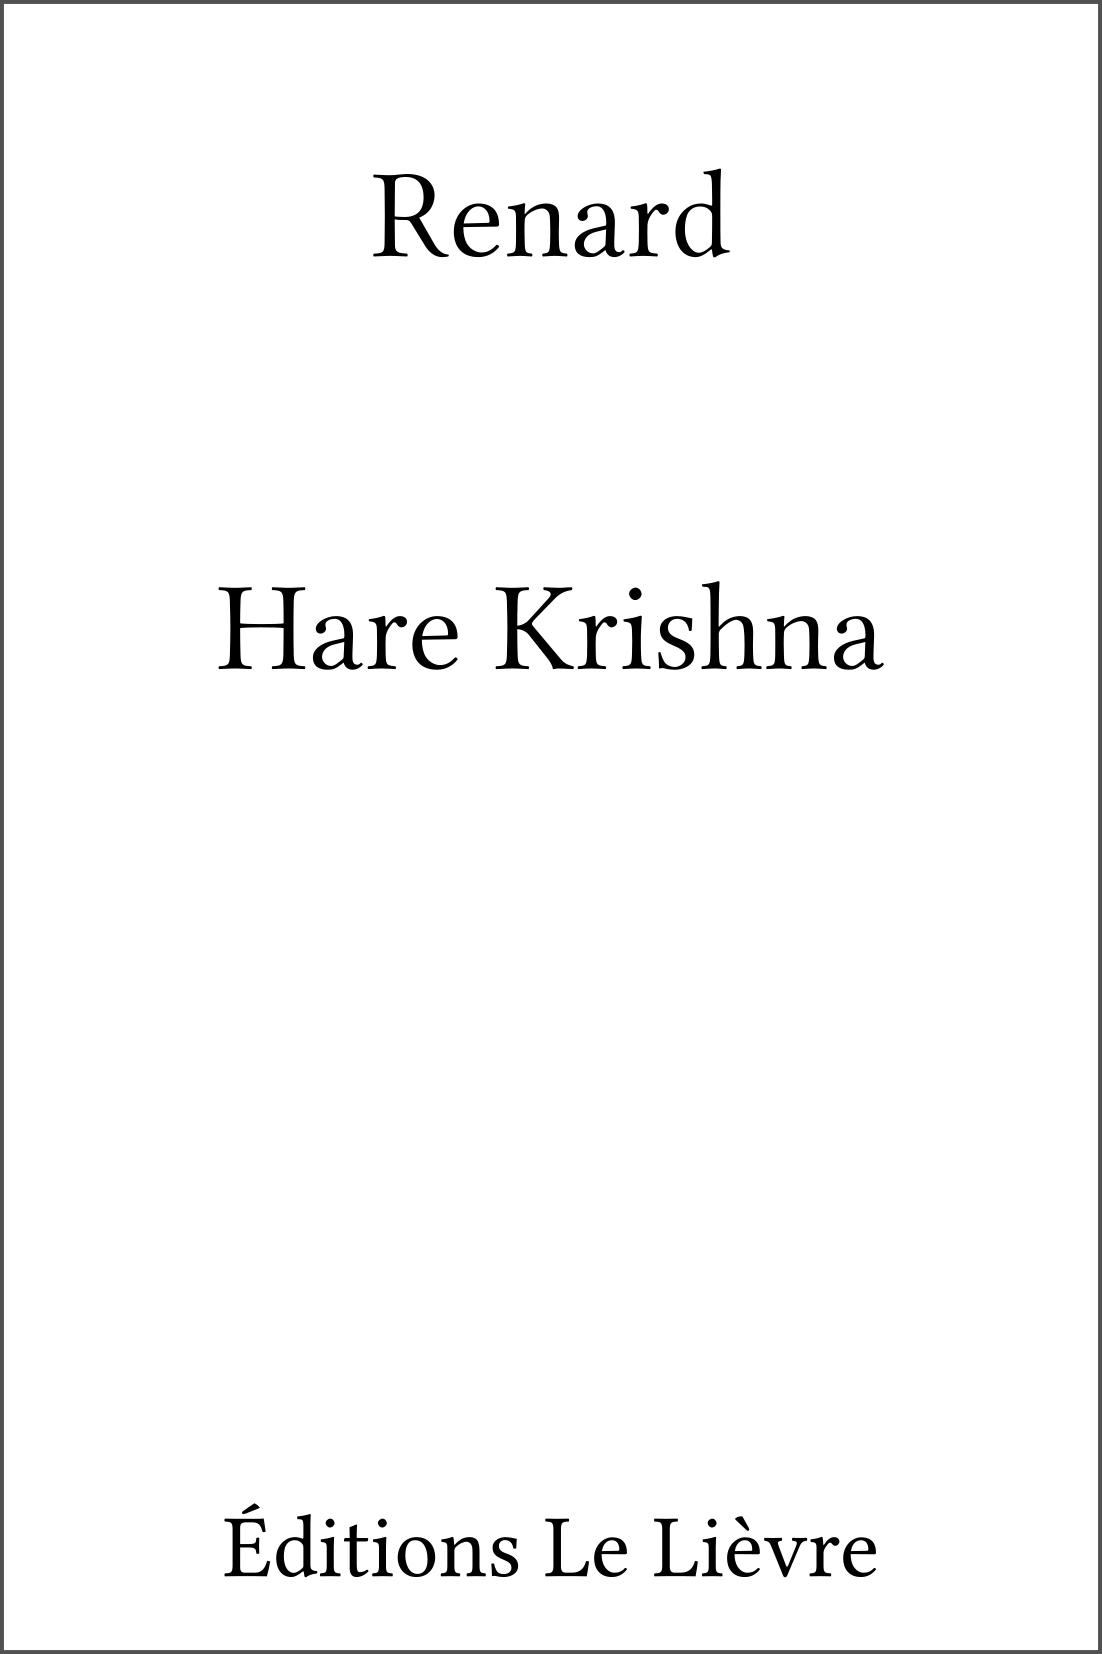 Couverture de Hare Krishna par Renard